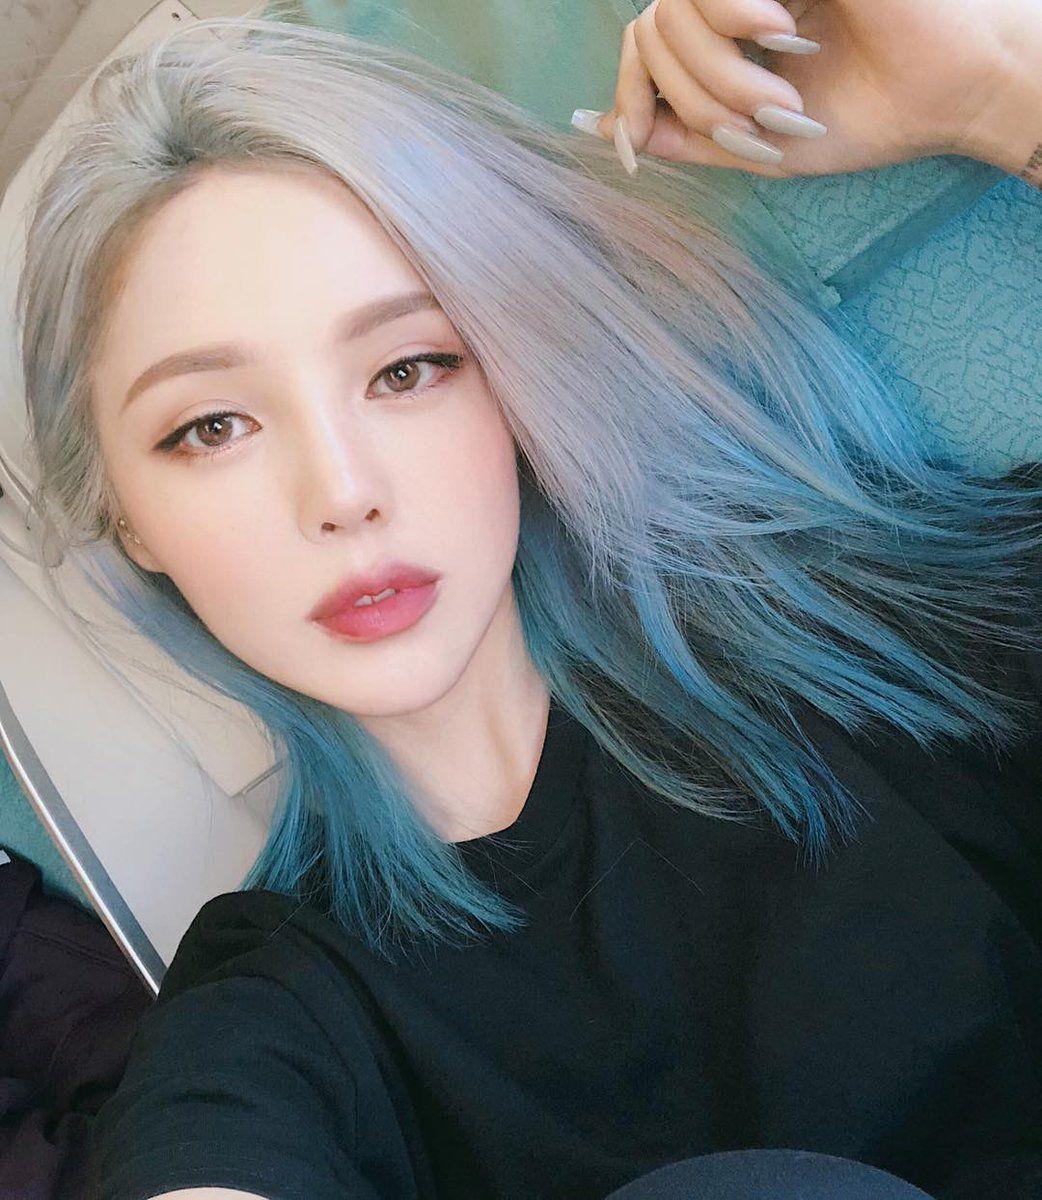 浪人 on Korean hair color, Asian hair, Hair makeup